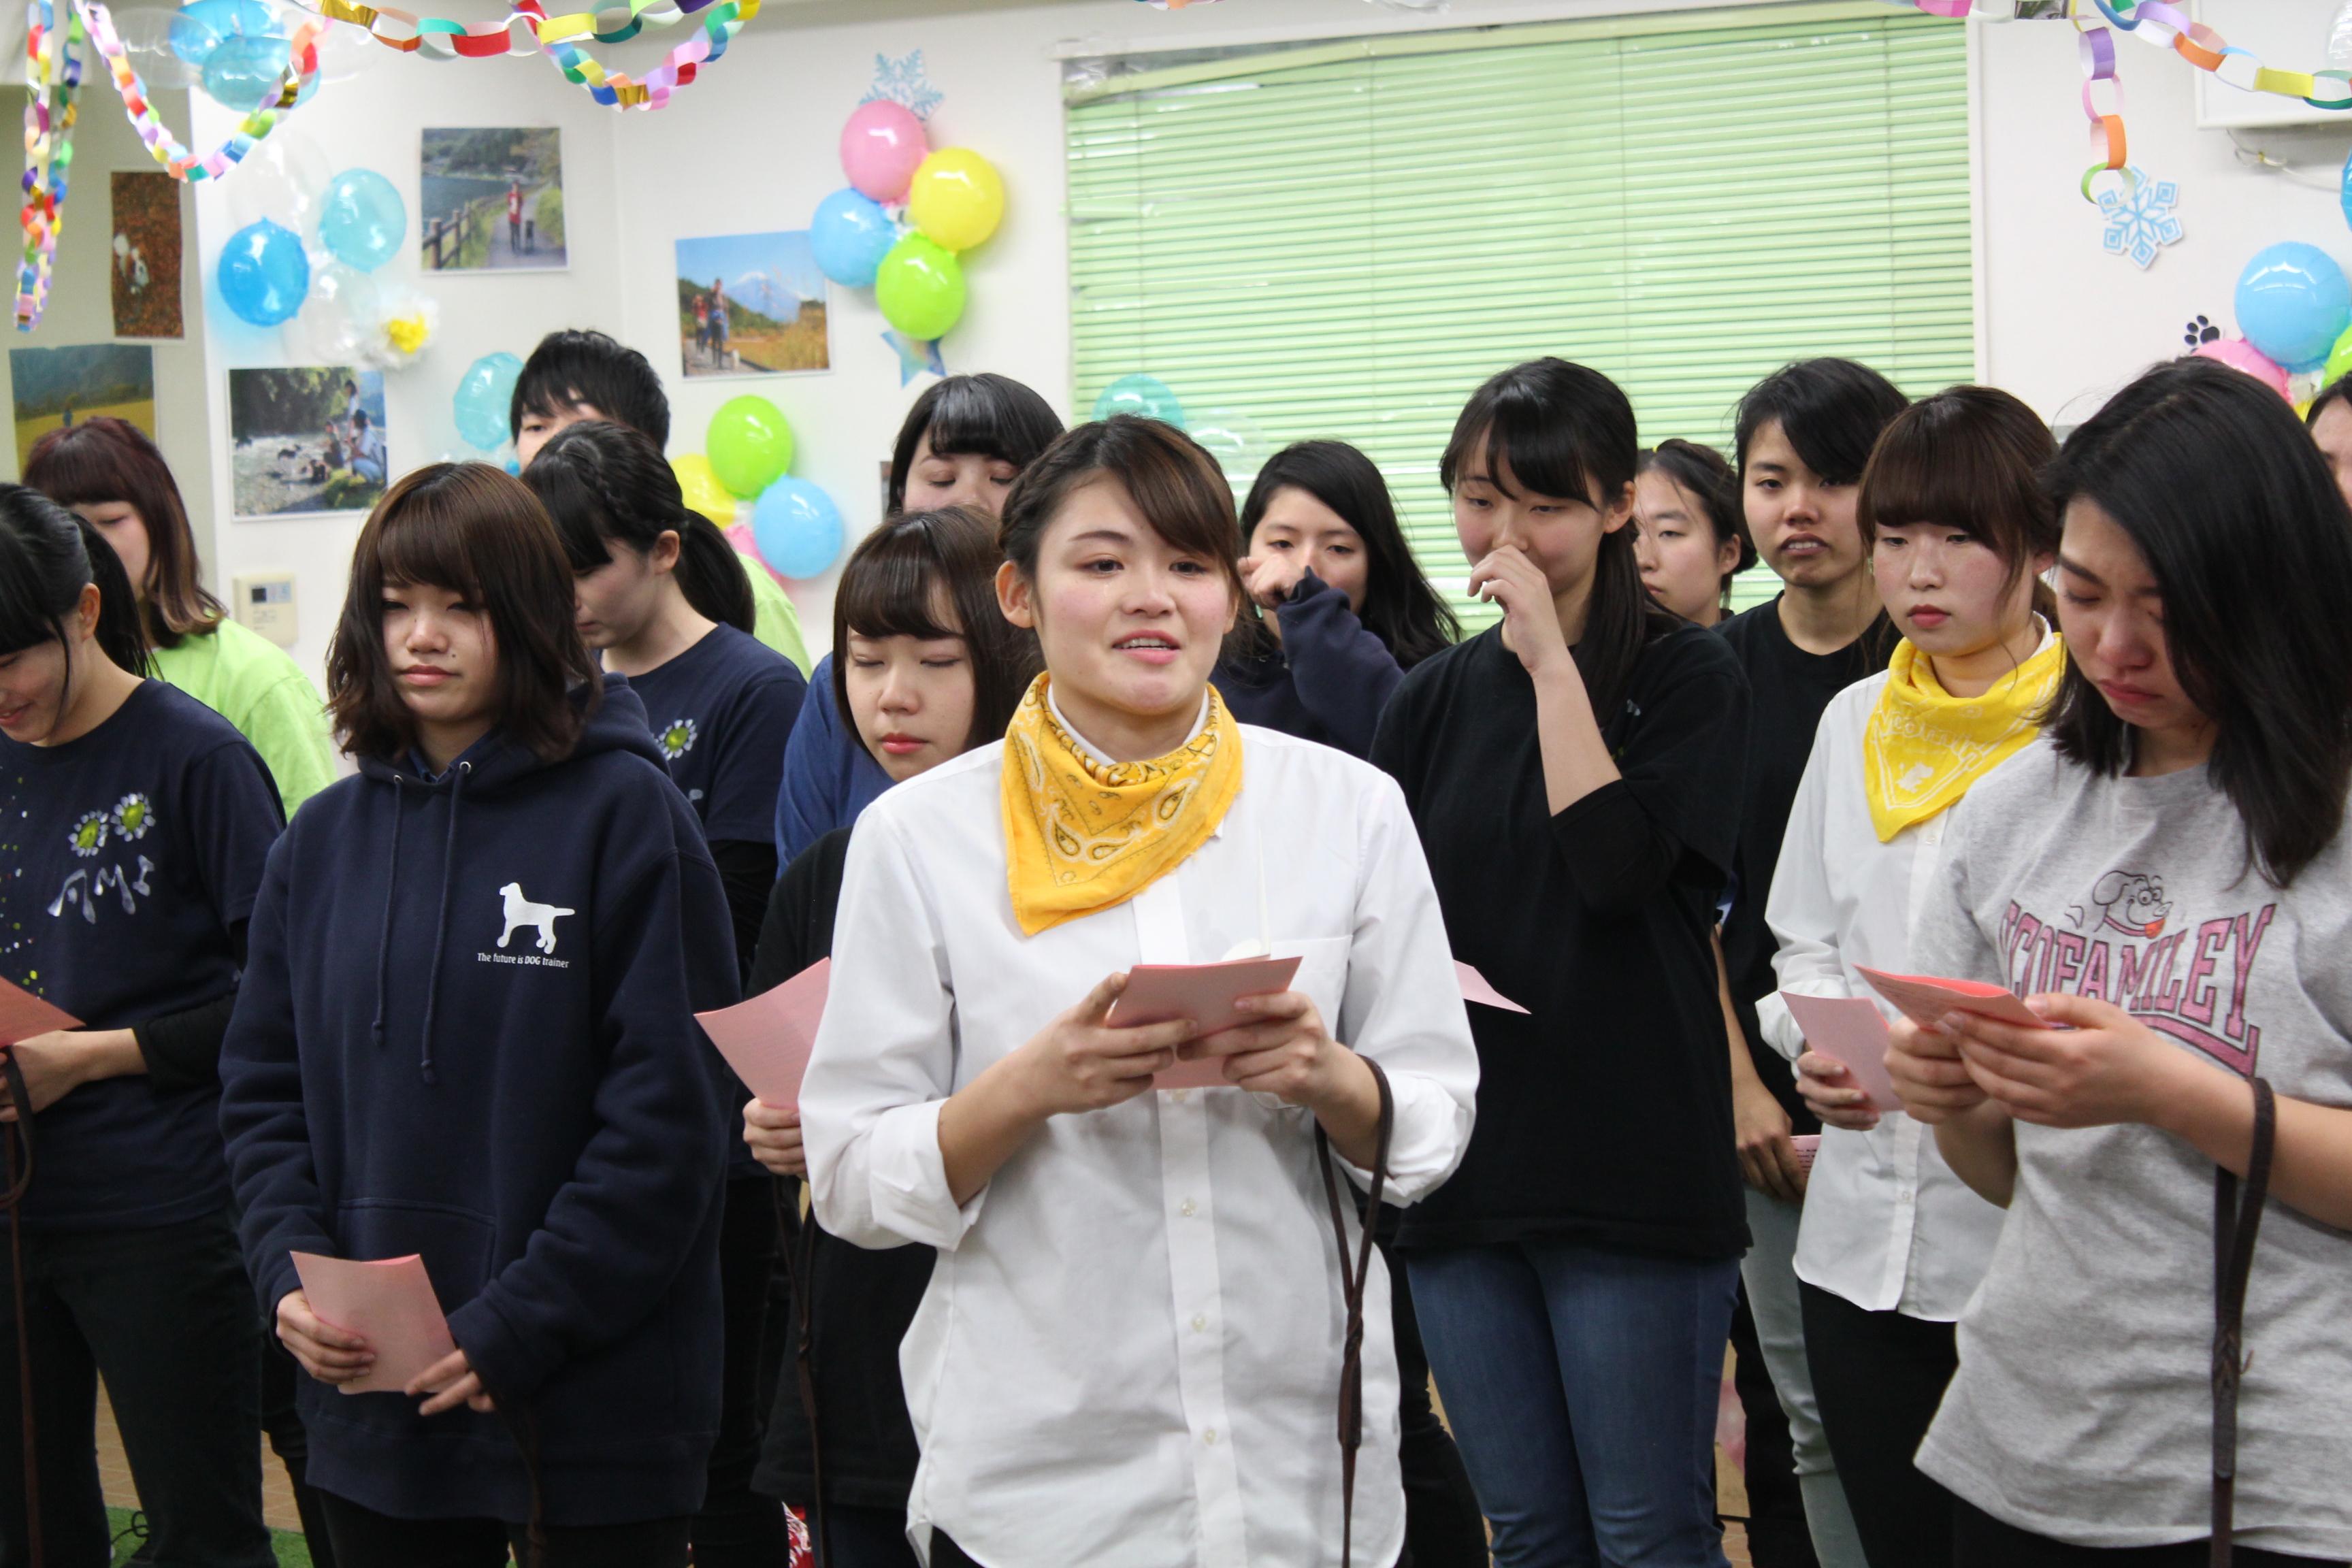 http://tokyo.iac.ac.jp/blog/photos/2018.02.16messe-ji%201.JPG